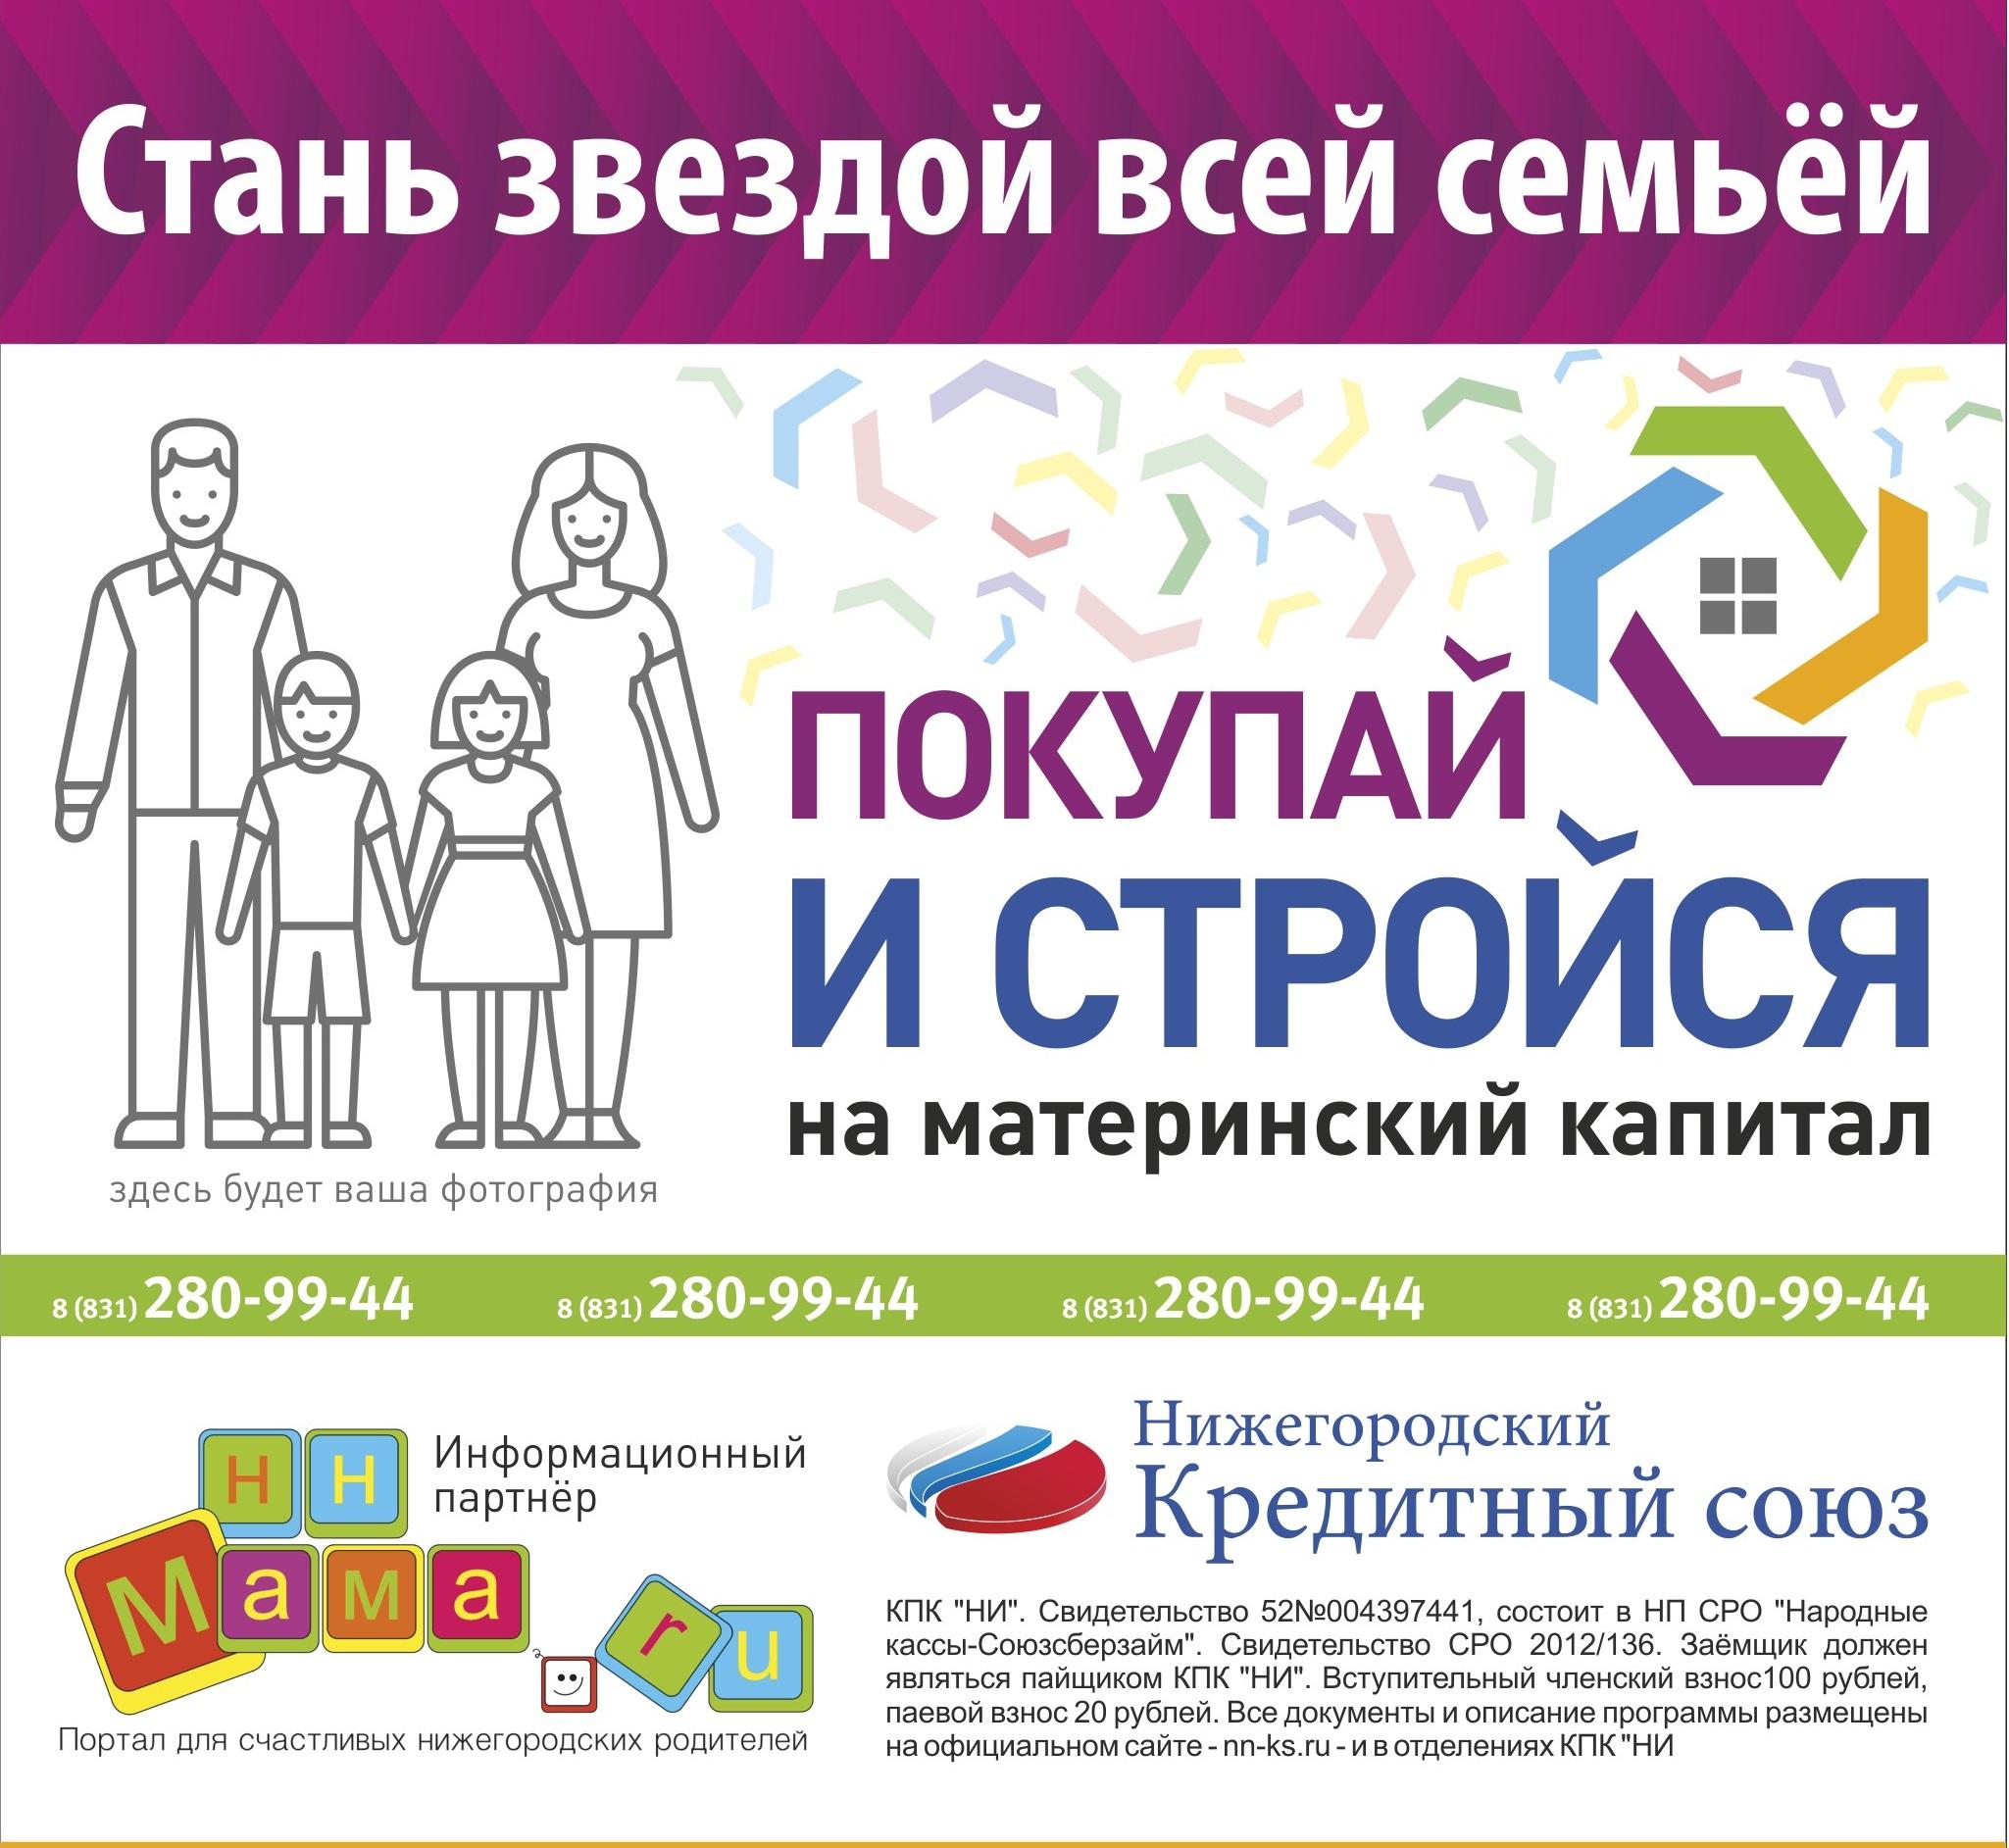 Внимание КОНКУРС для молодых семей!